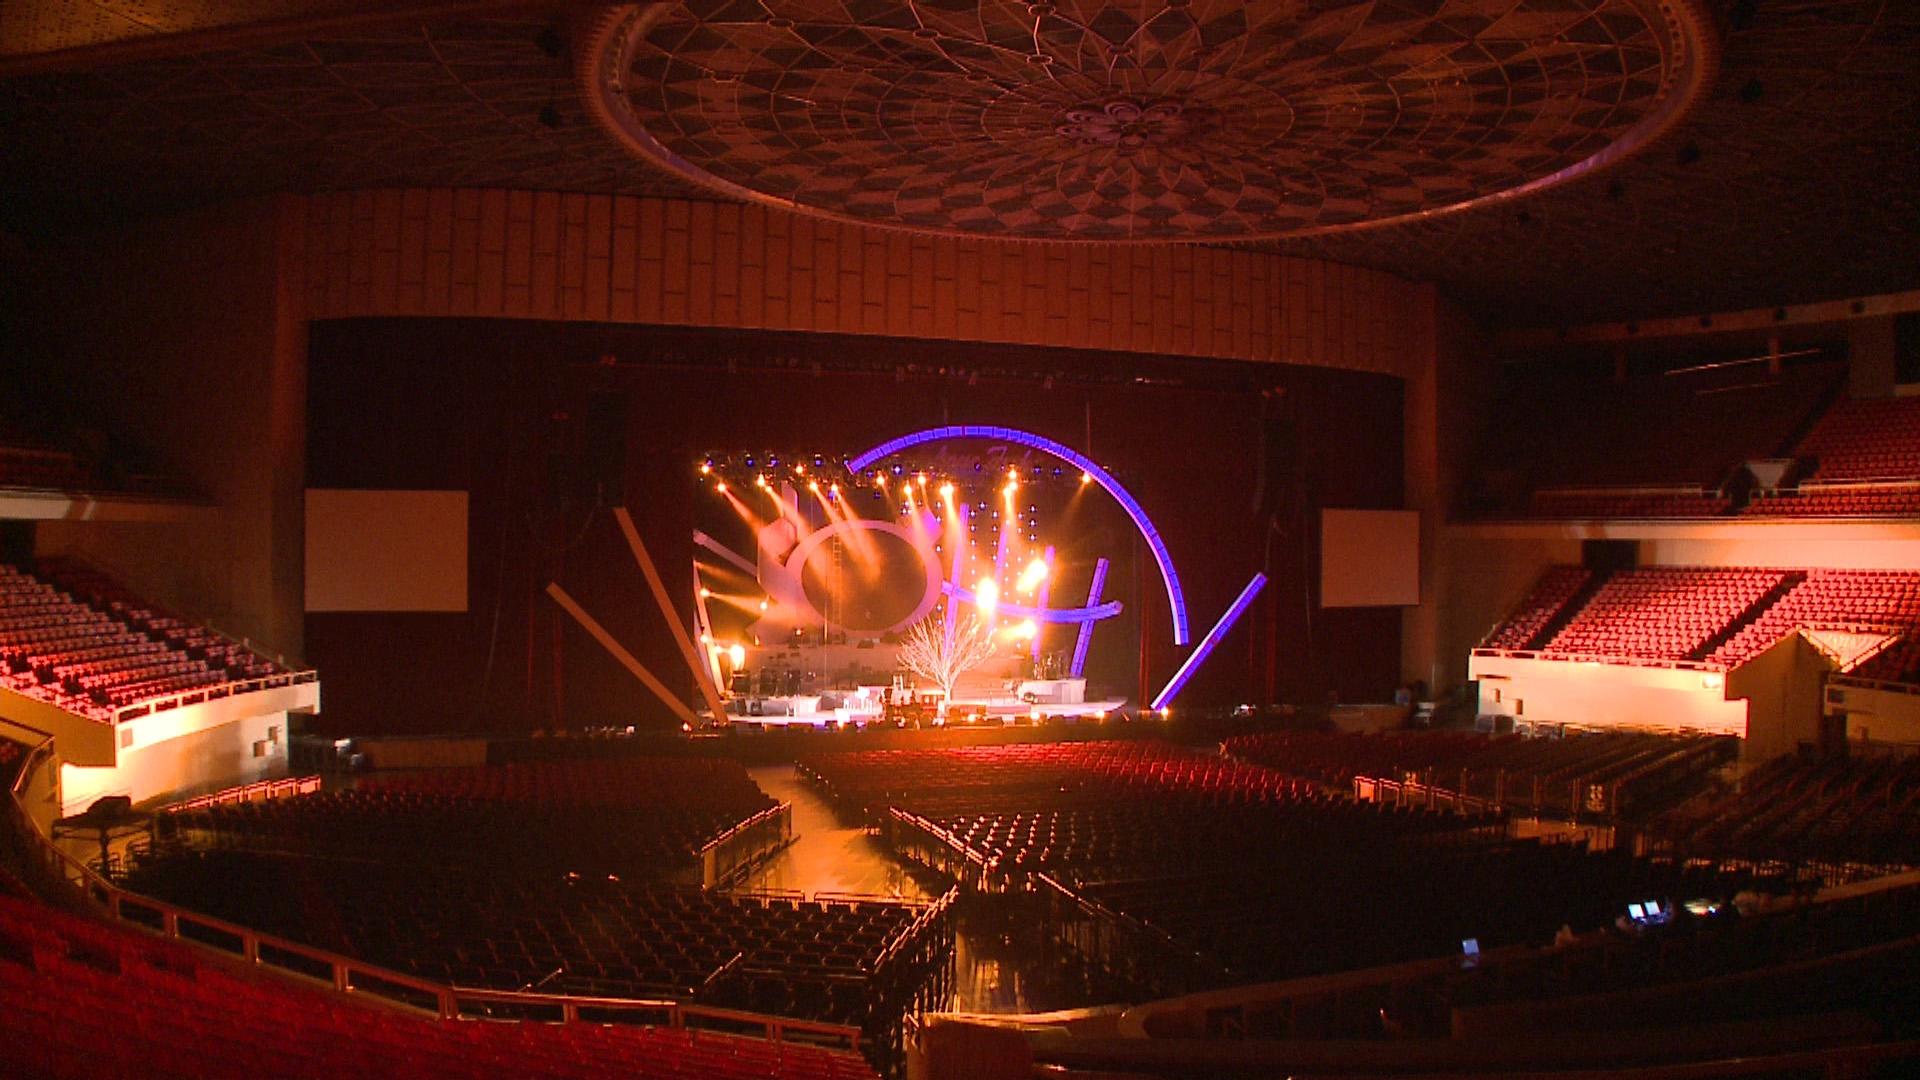 许家维,《3月14日,香港体育馆》,视频装置,2009年。图片由艺术家提供。